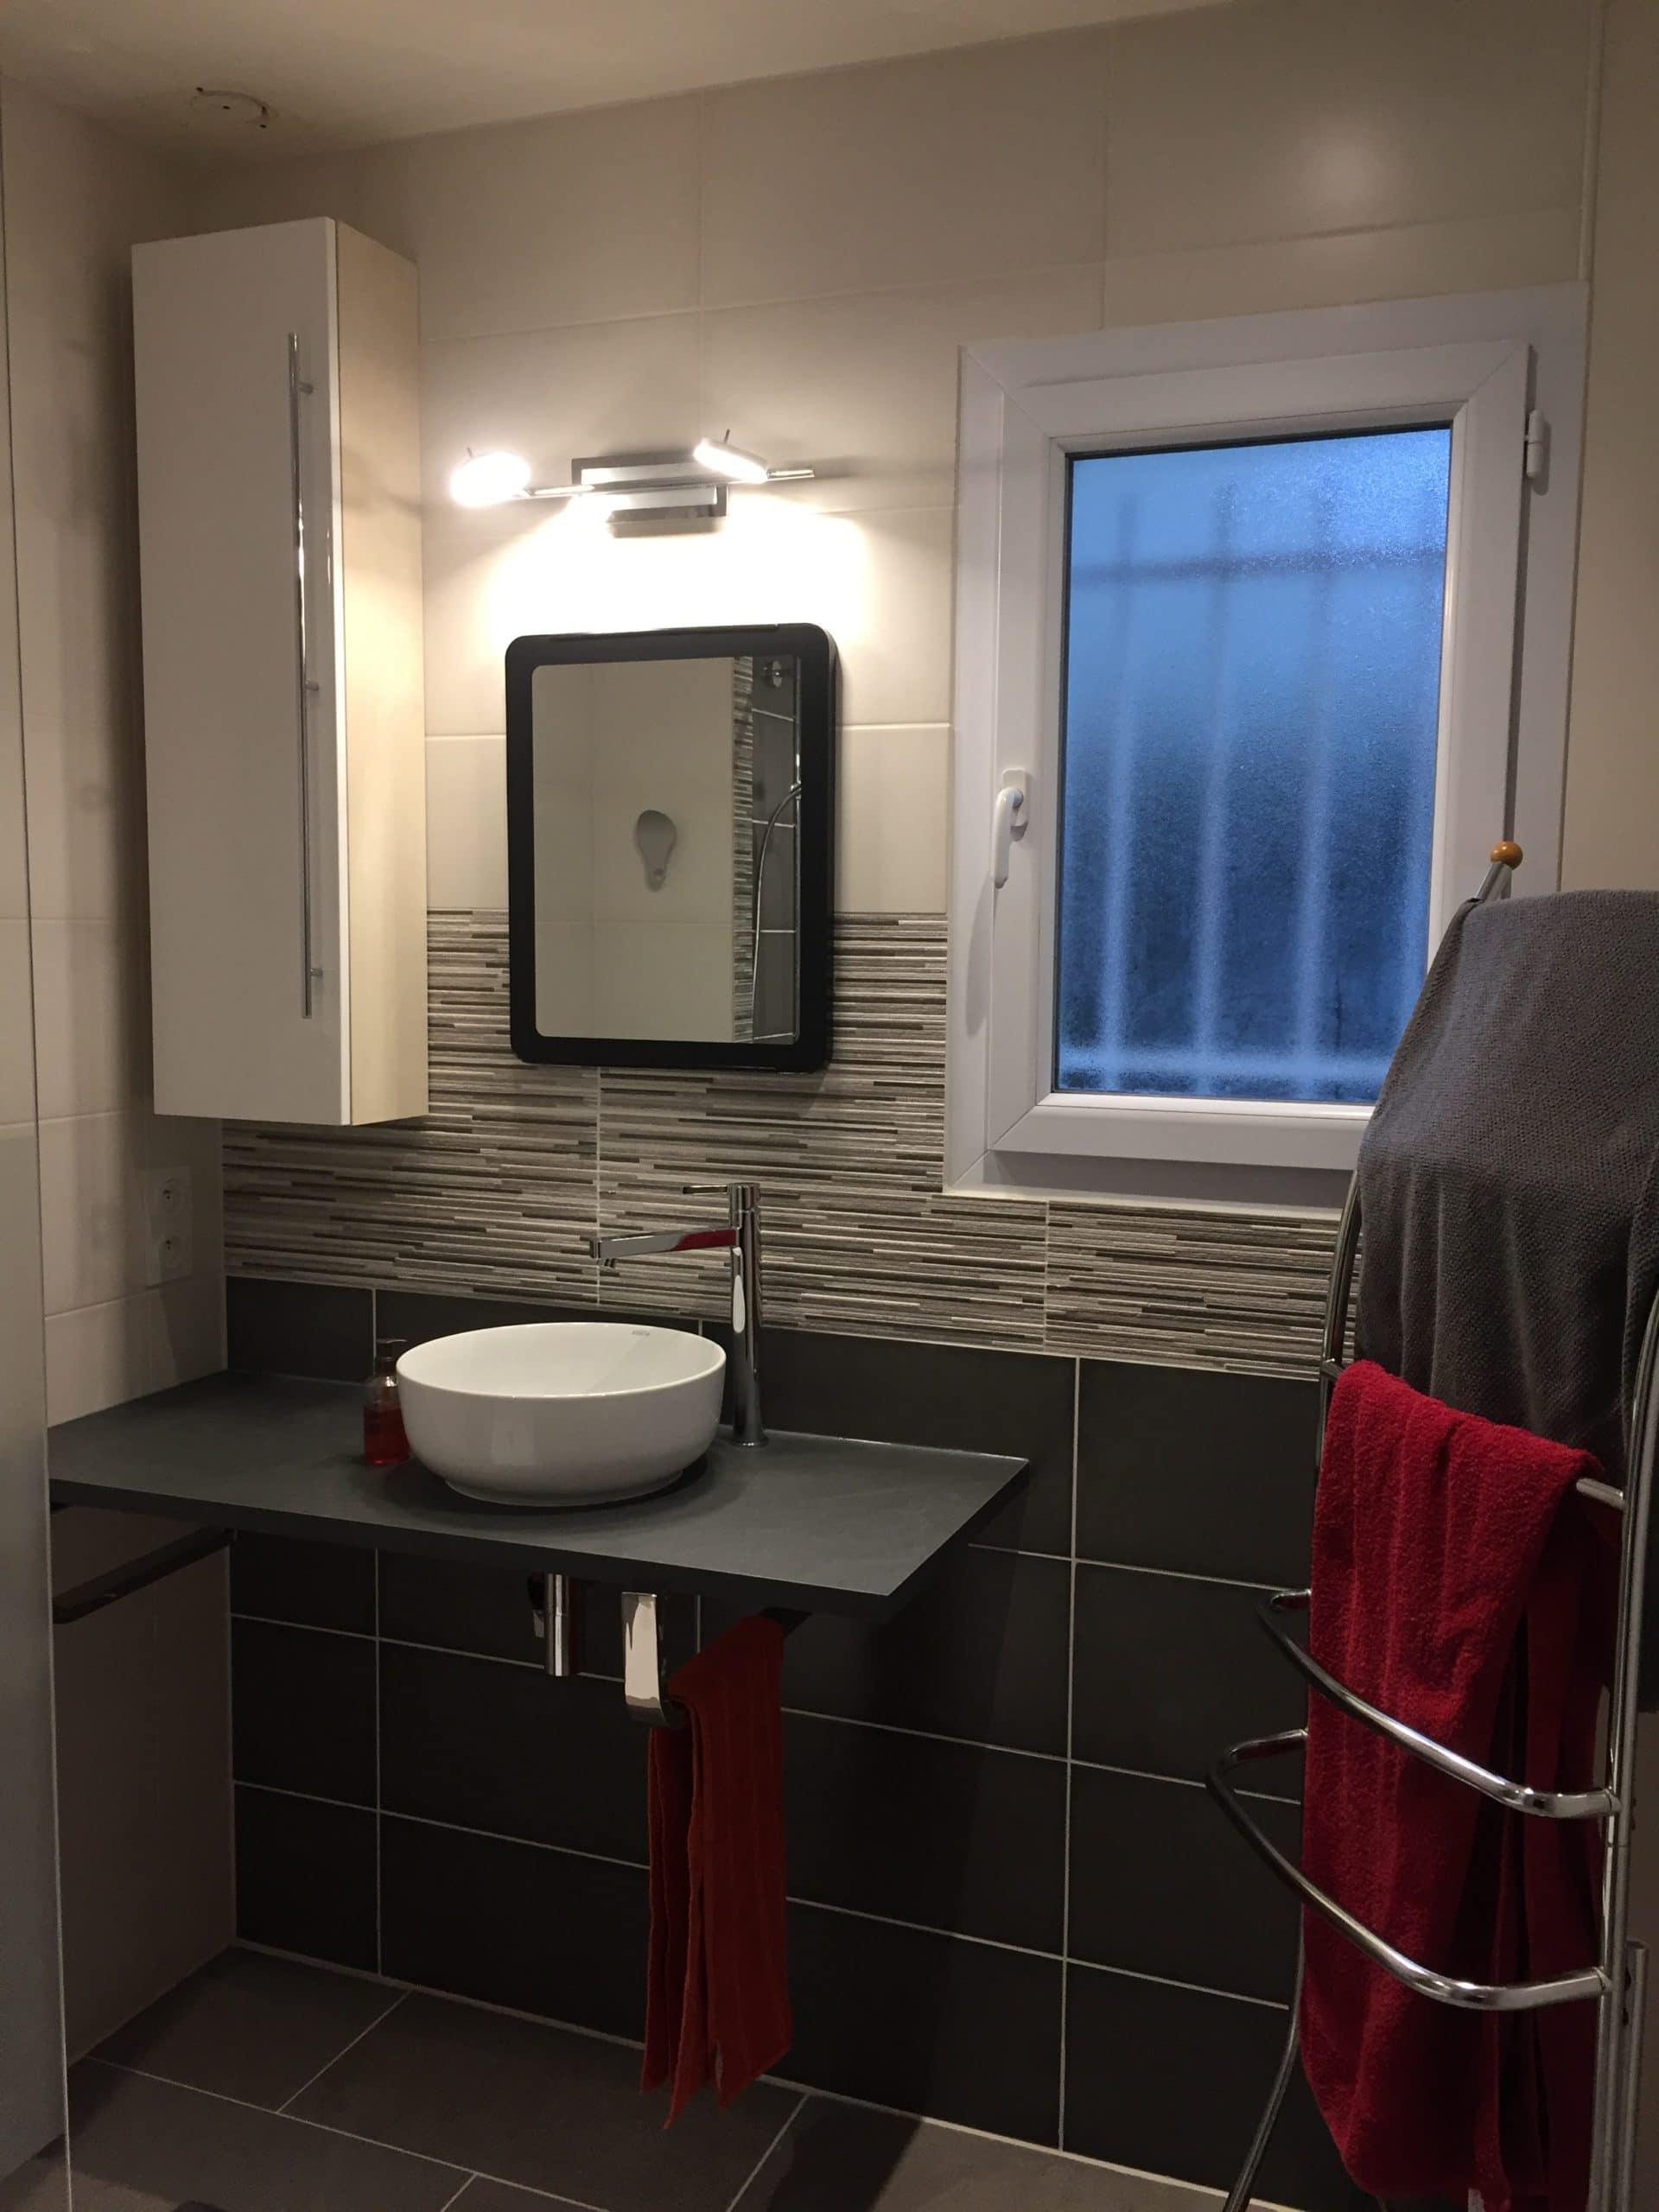 Rénovation de salle de bain à Neuillé-Pont-Pierre (37)